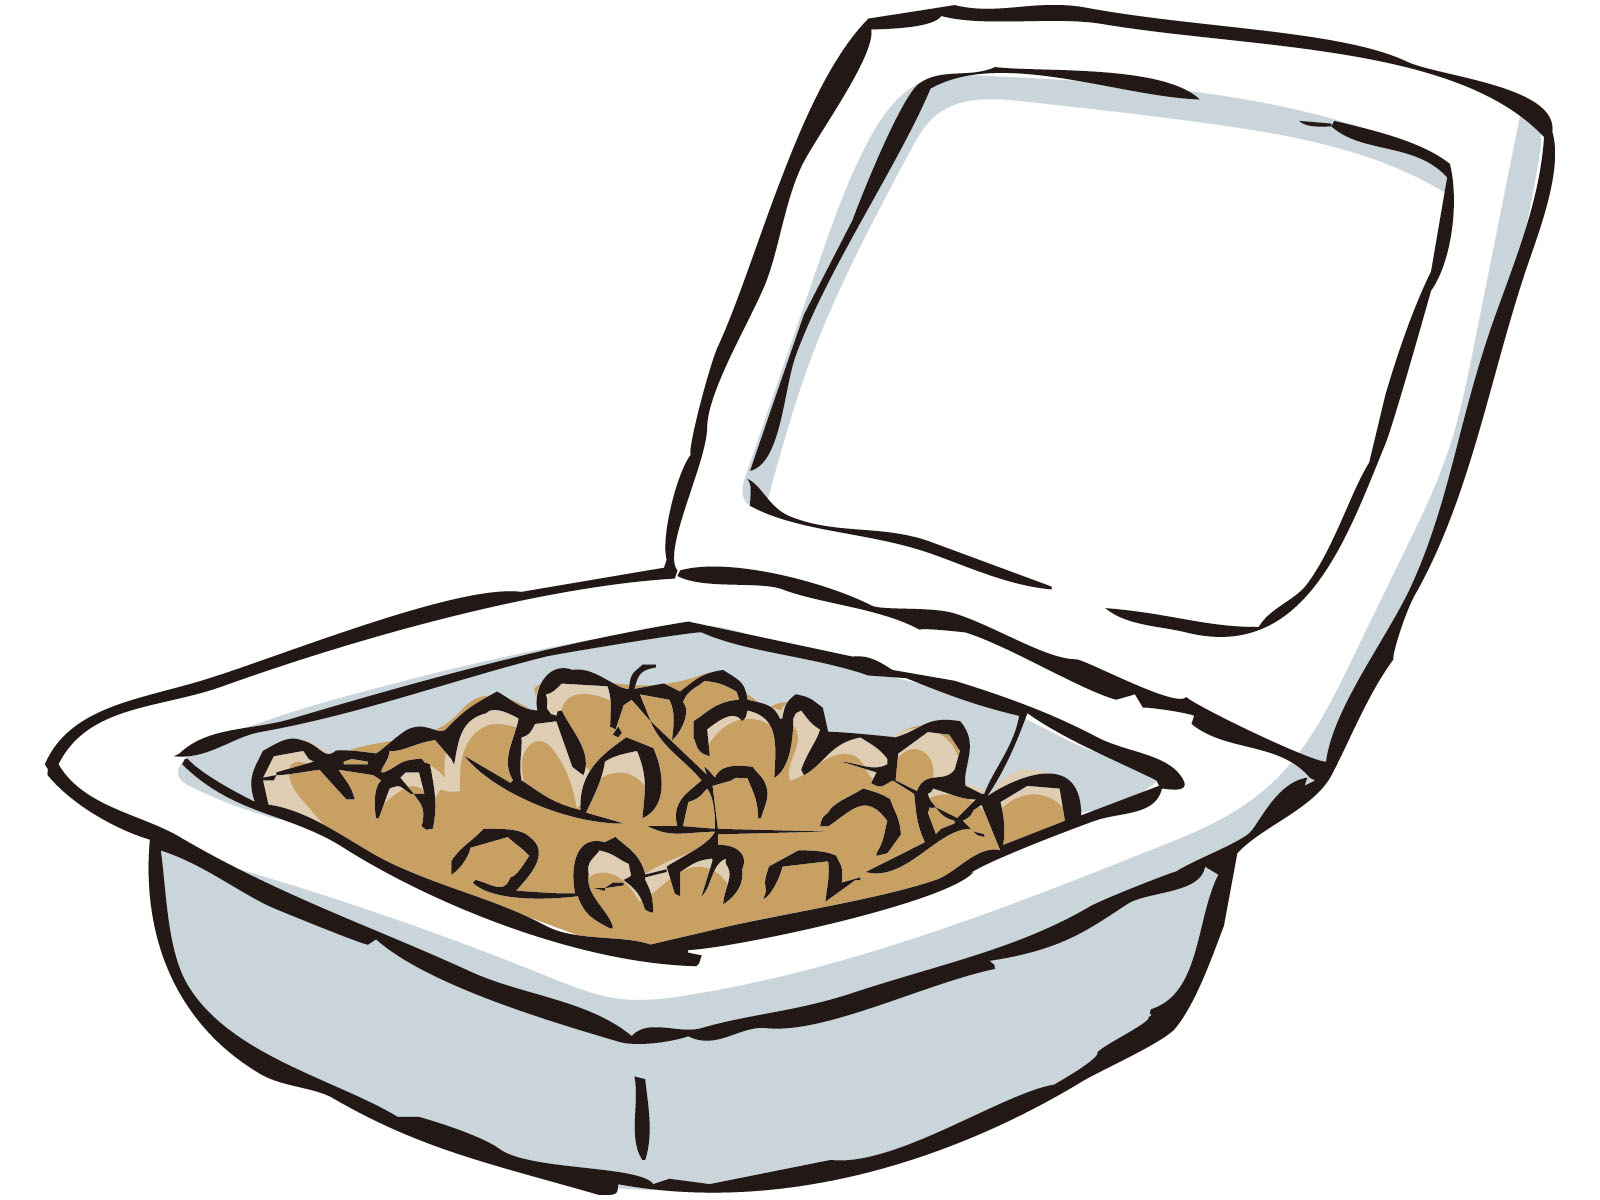 糖質制限で納豆や豆腐は食べても大丈夫?